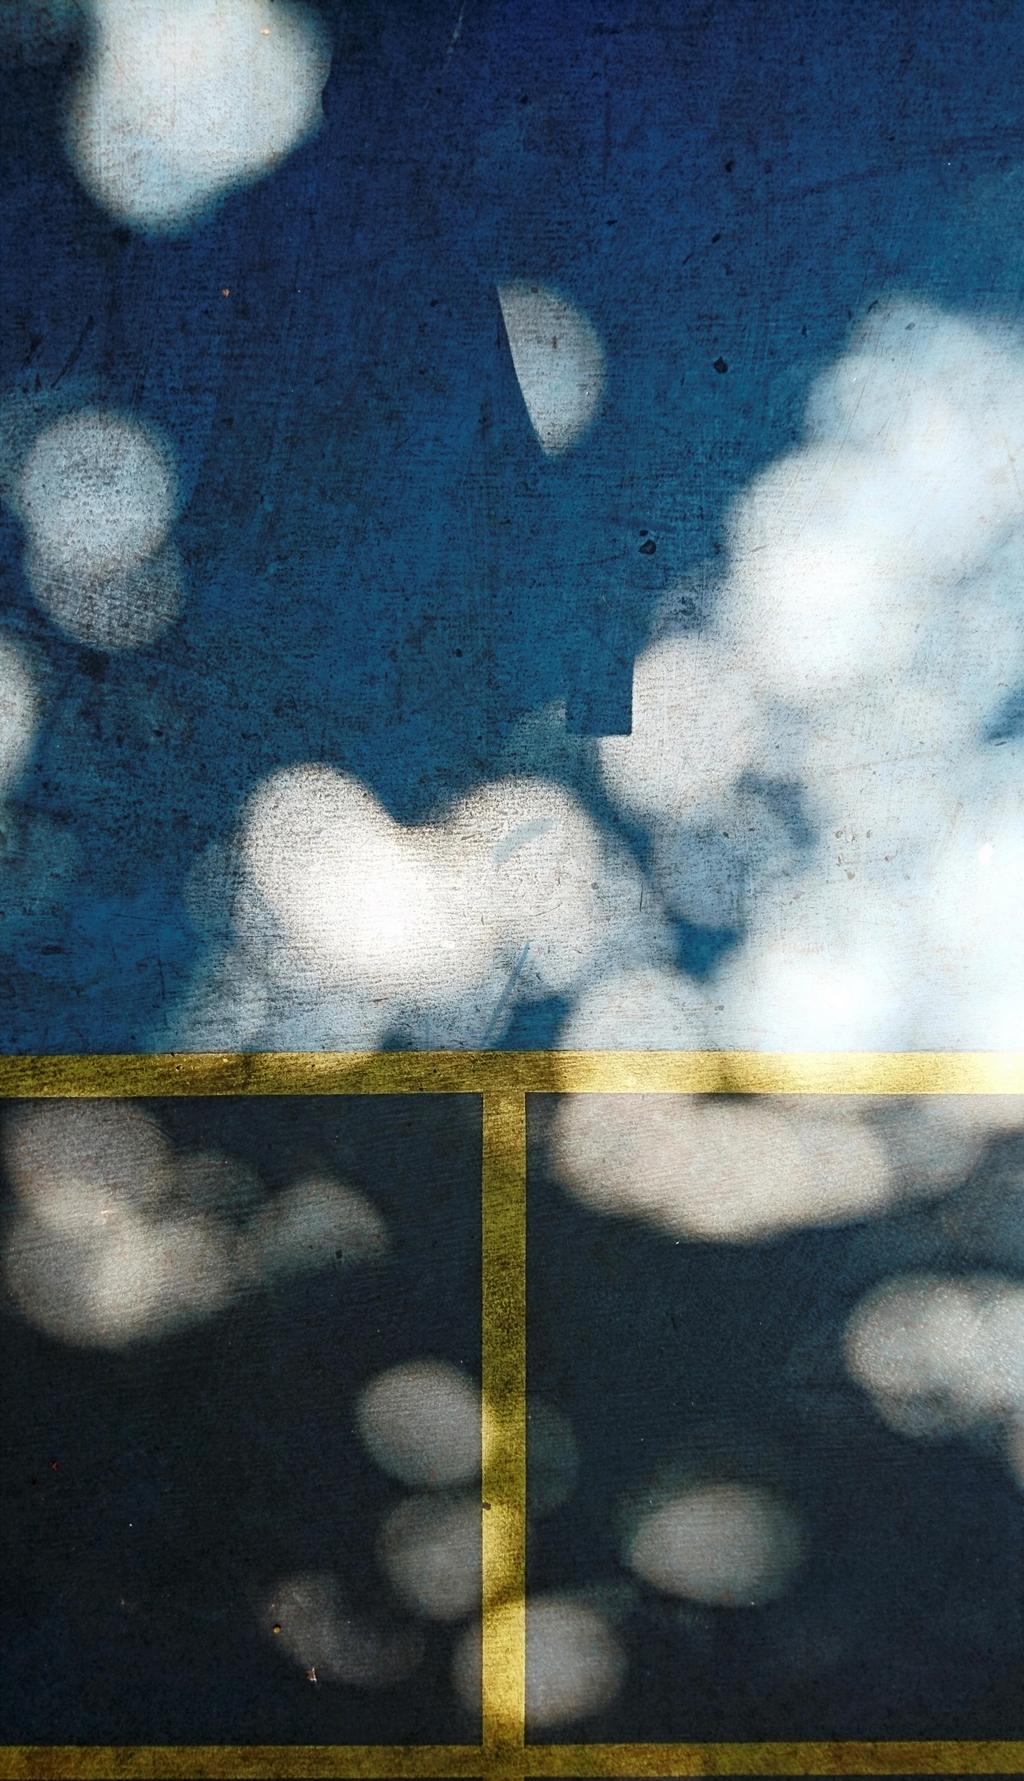 1-Jeff-Window-to-the-sky-S-SonyZ5C-M